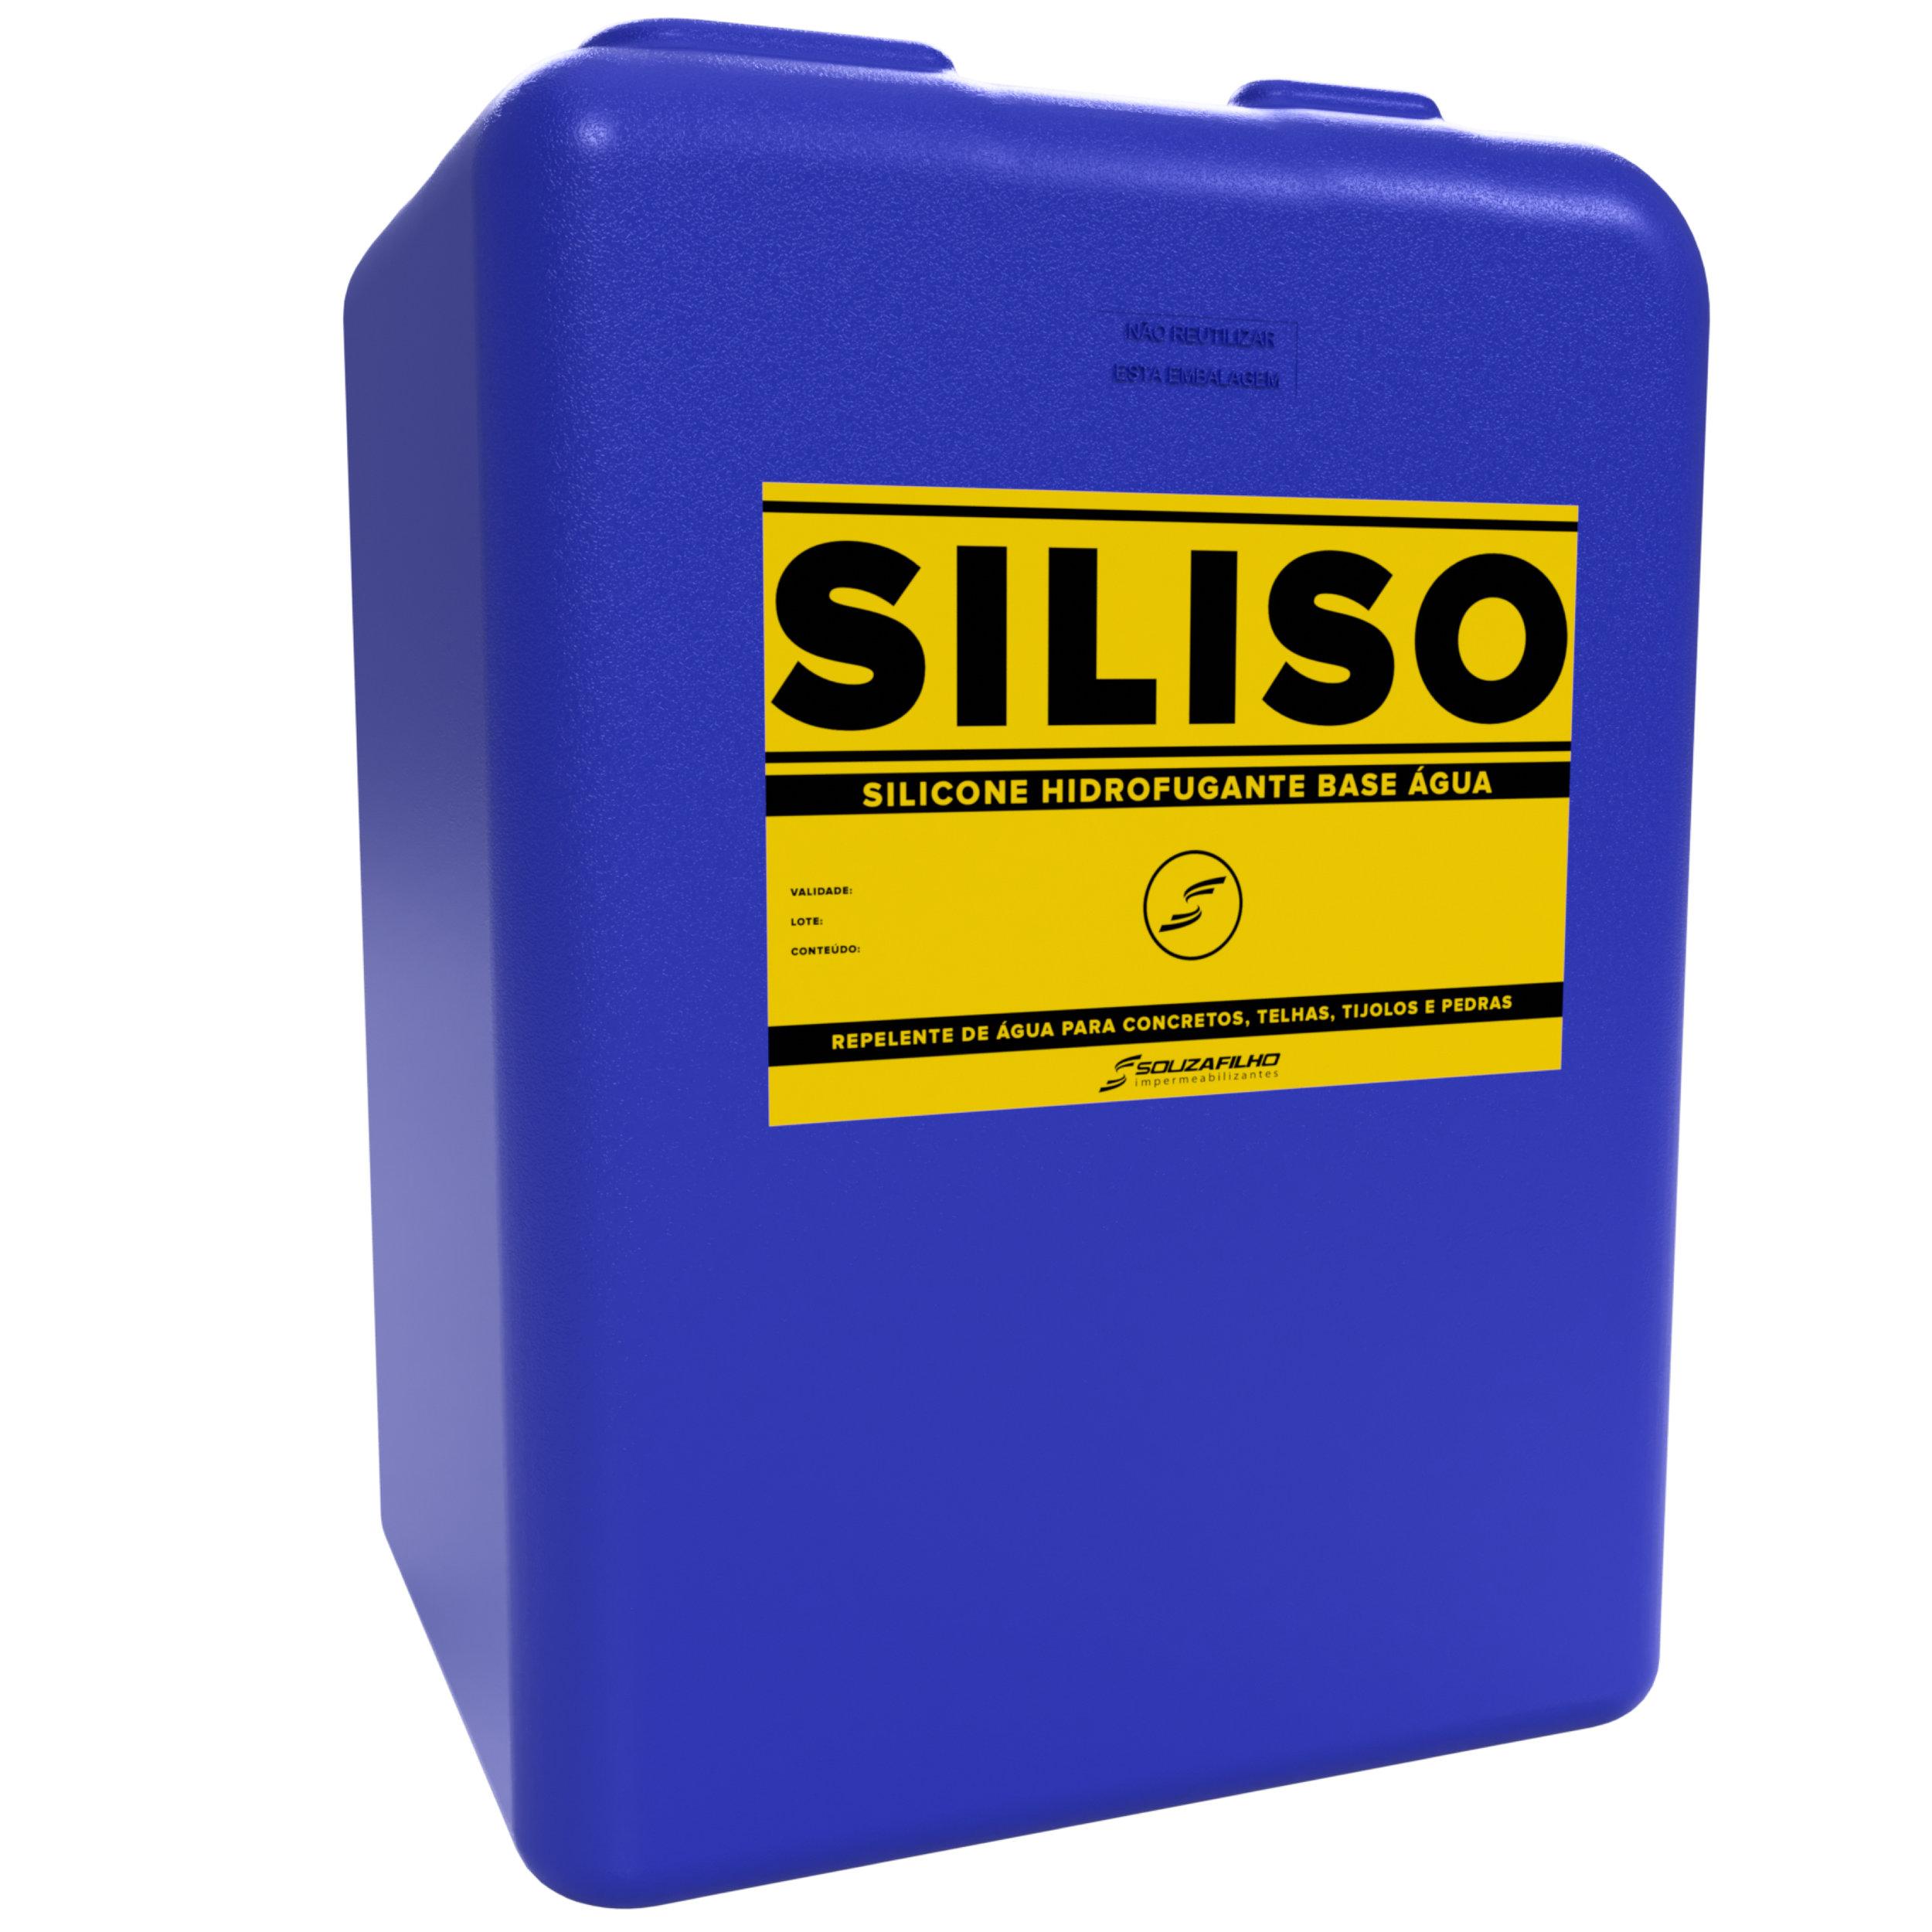 siliso_silicone_hidrofugante.jpg